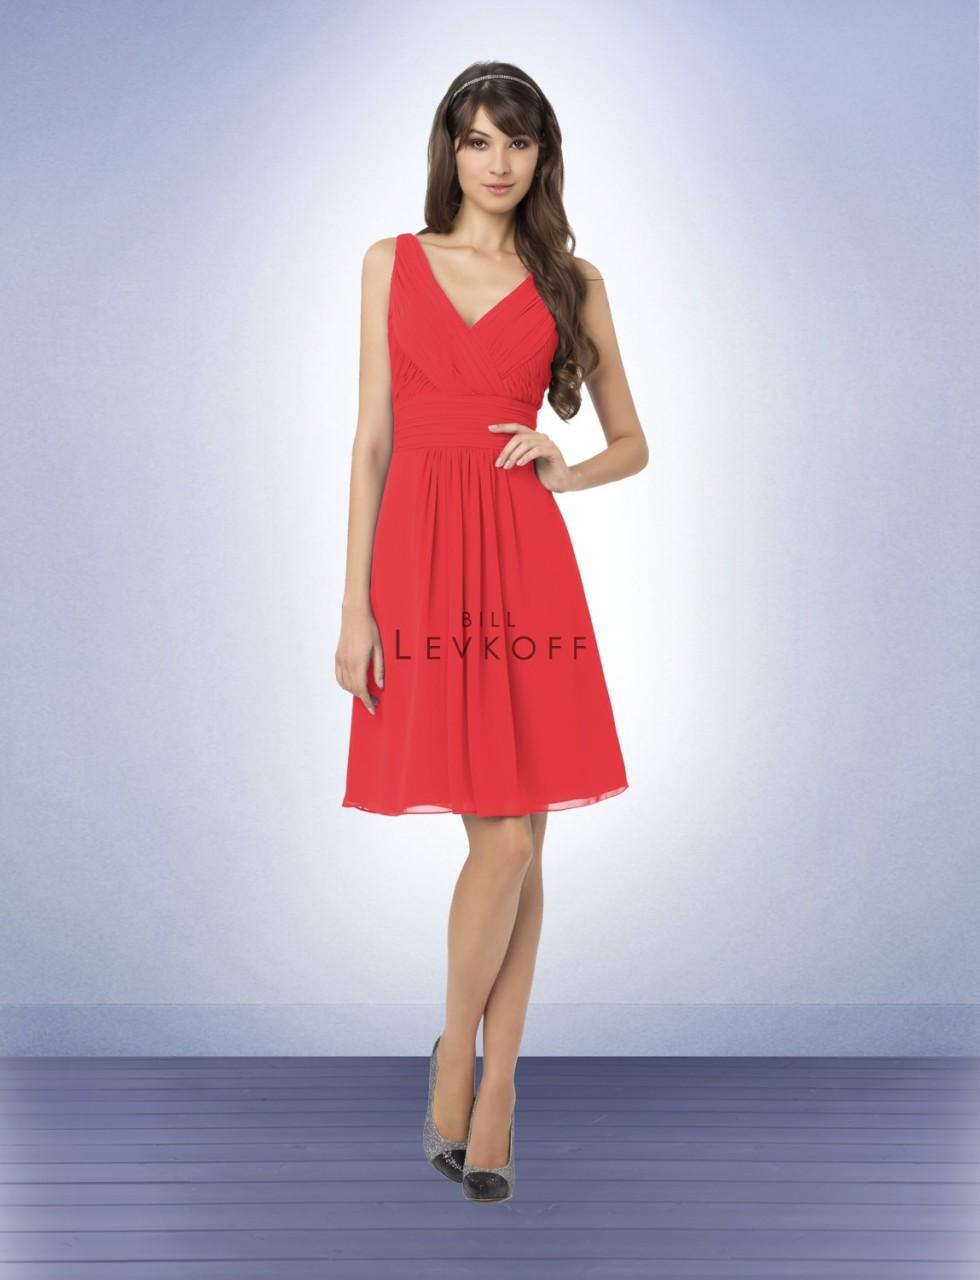 d58173ffb4 Bill Levkoff Bridesmaids Dress 762